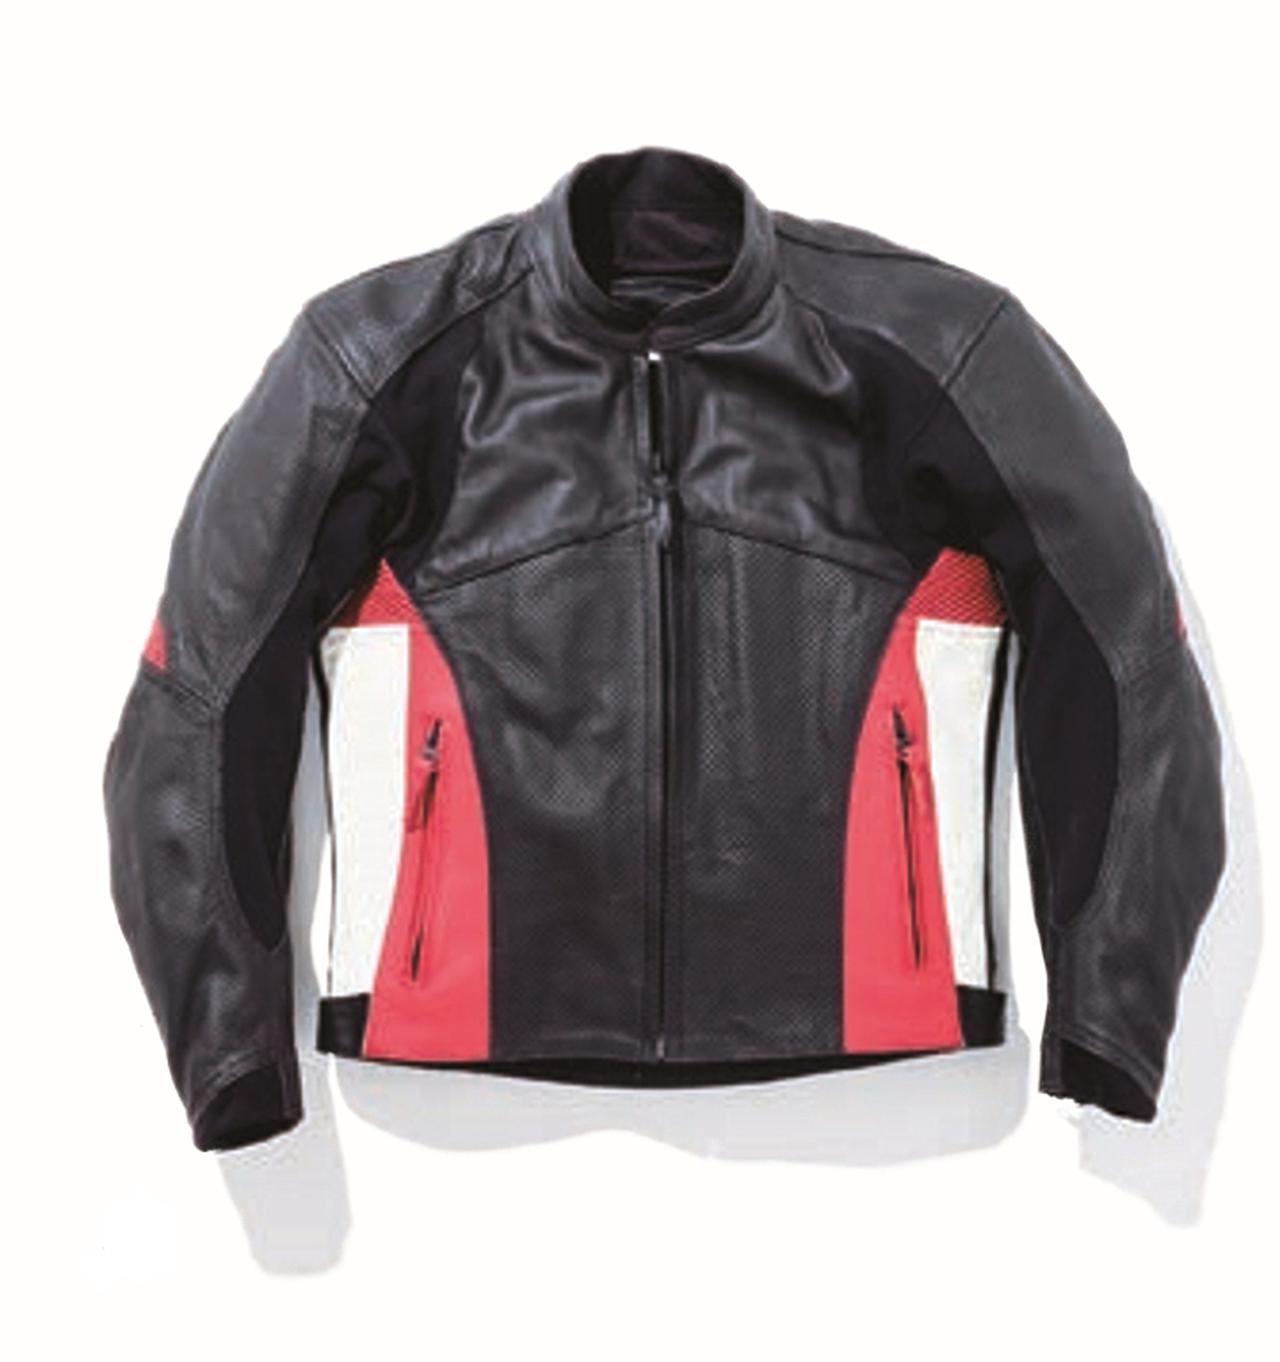 画像: 南海部品 エアロレザージャケット 黒赤/黒グレー M/L/LL/XL 5万2000円(税別)